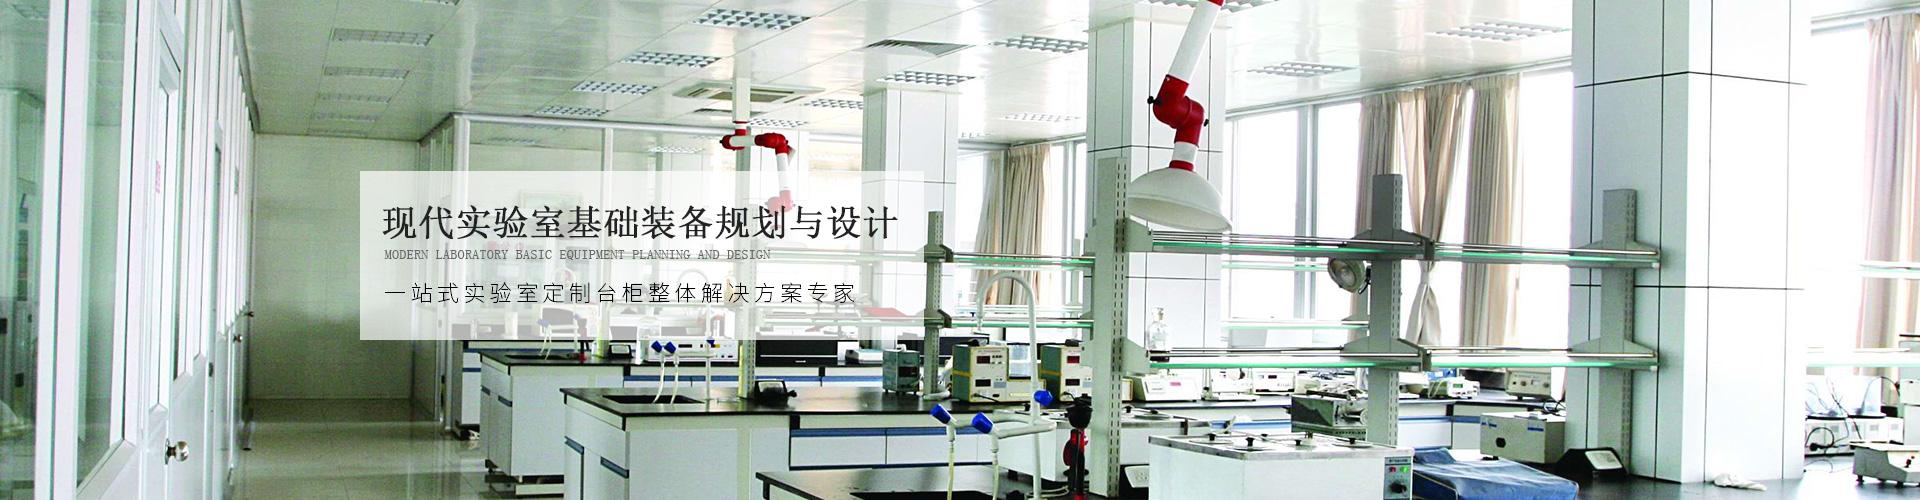 武汉实验台安装